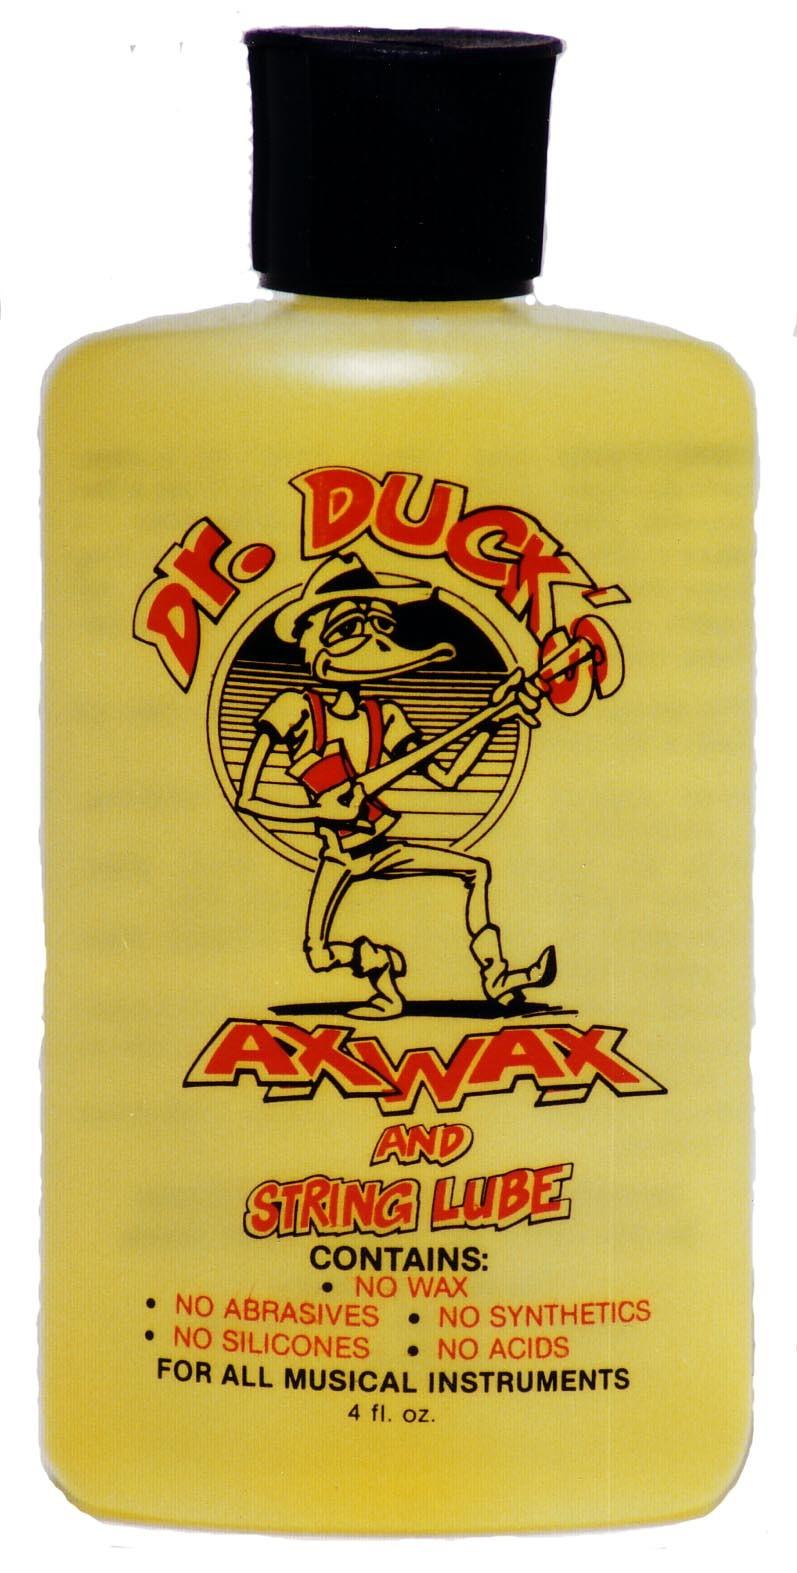 Dr Ducks Ax Wax & String Lube